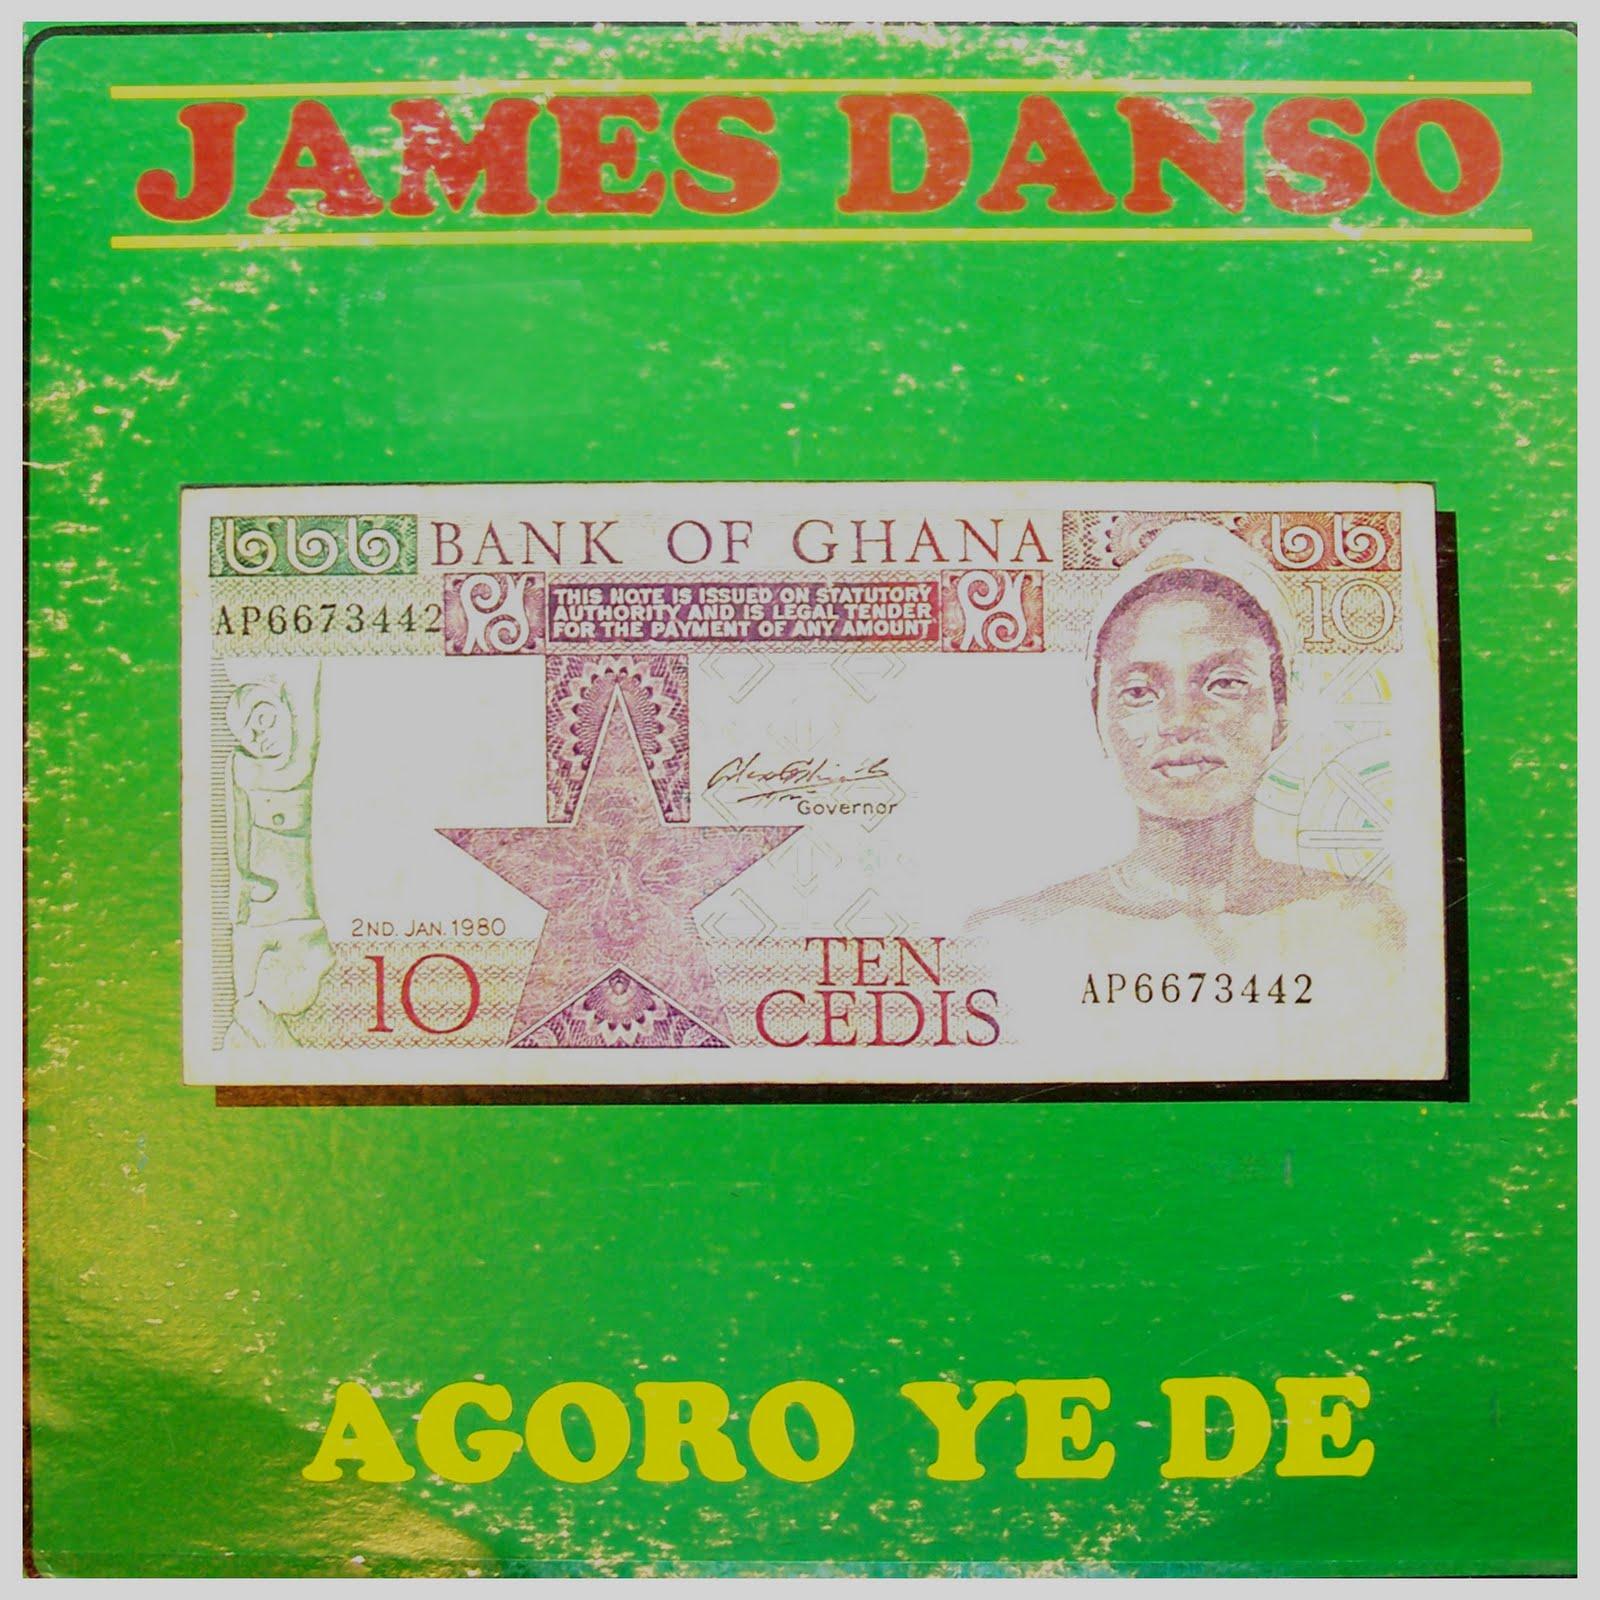 James Danso - Agoro Ye De